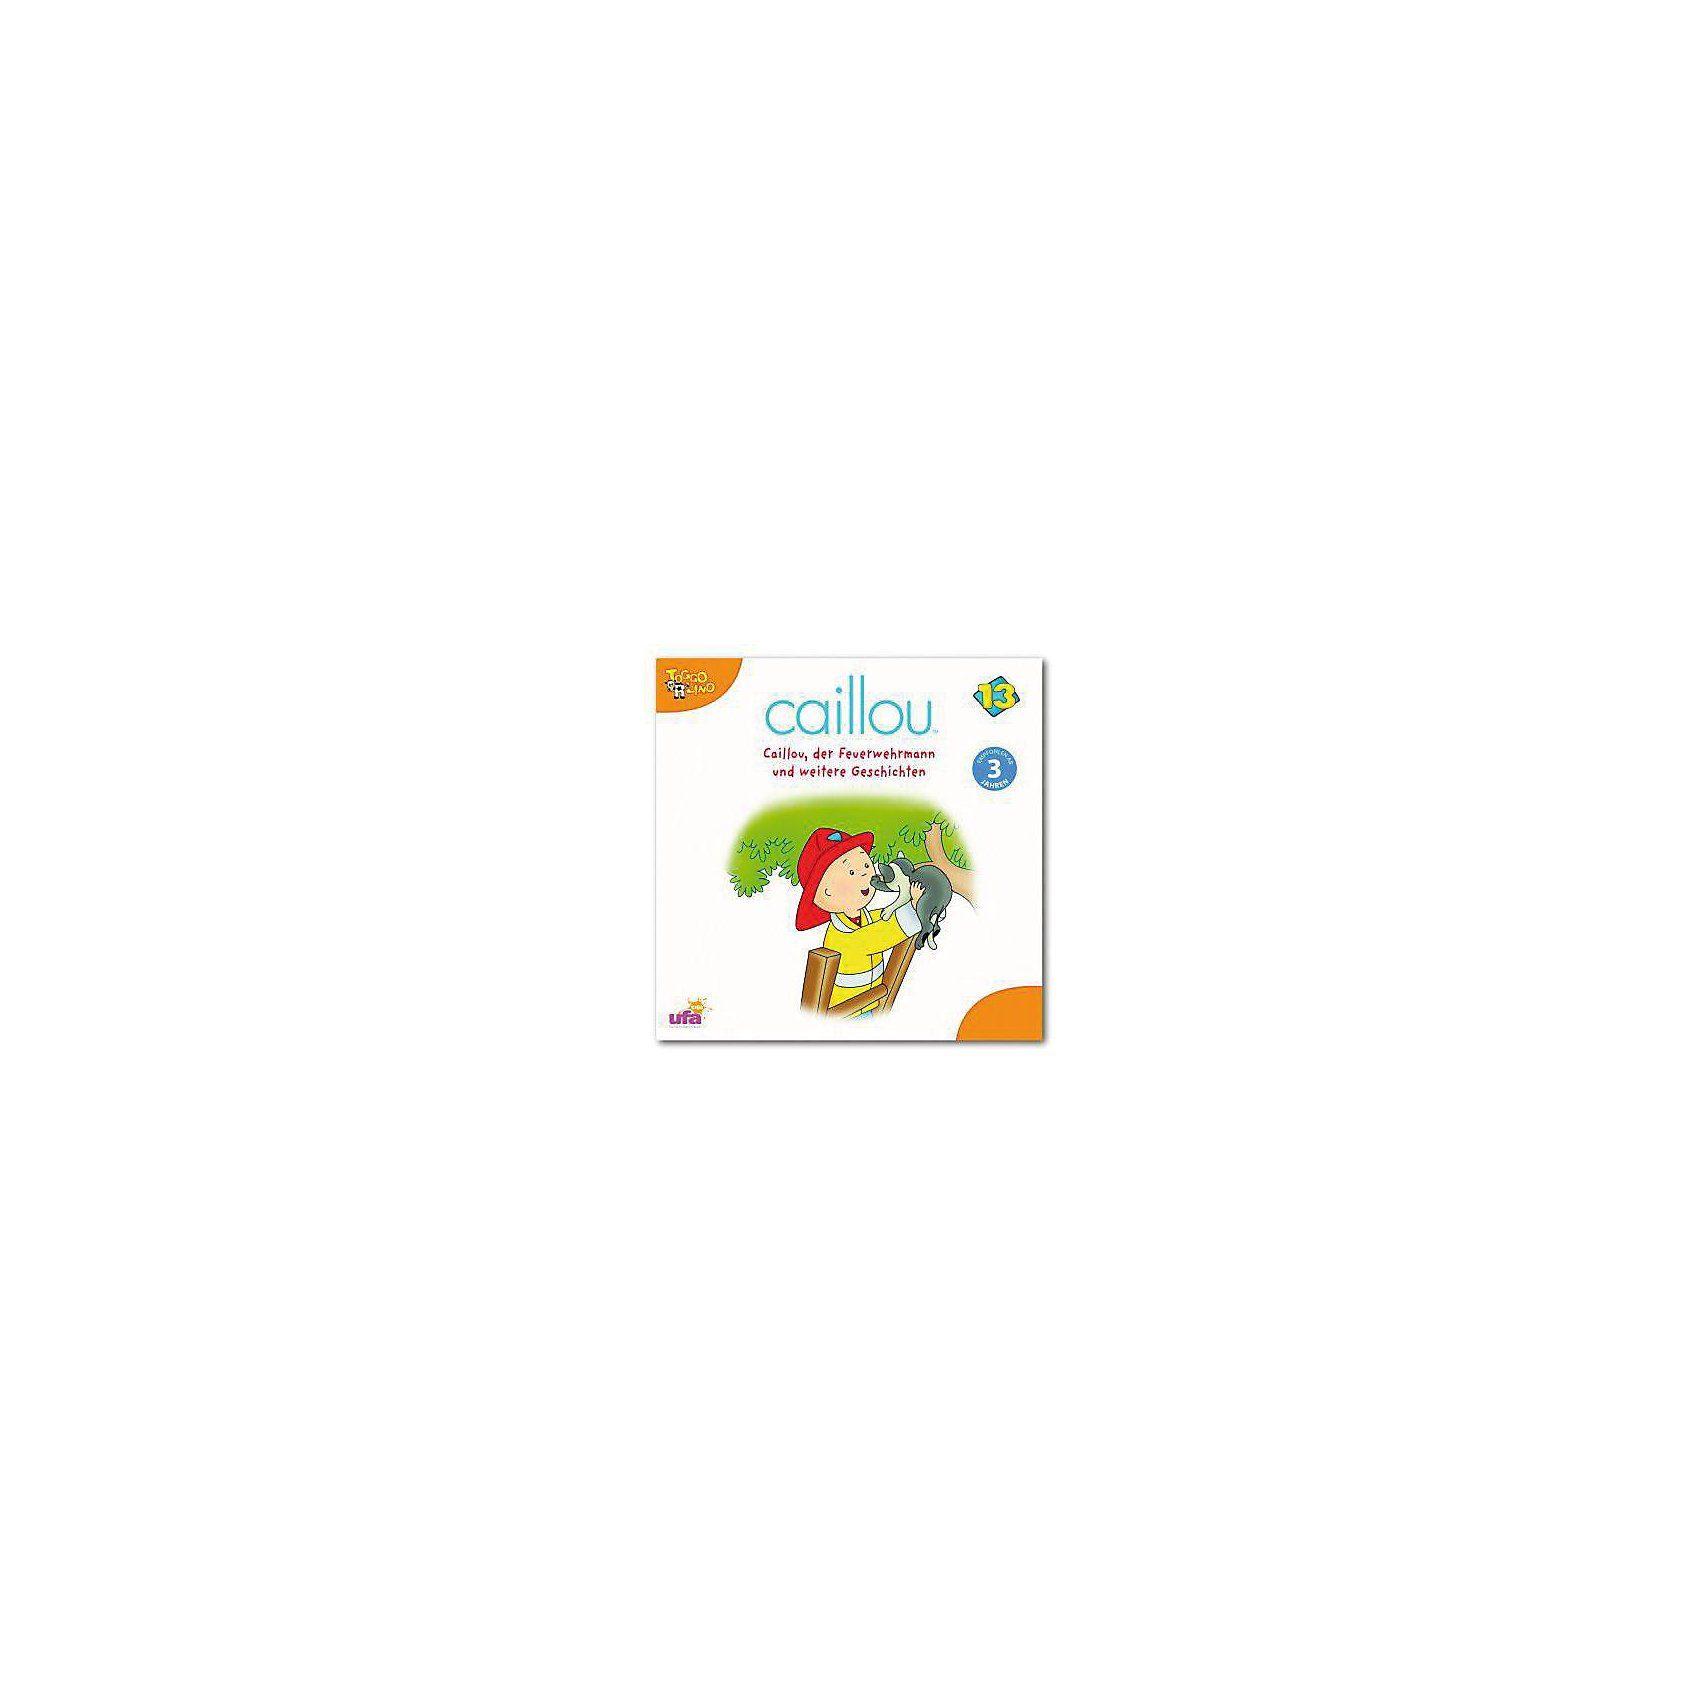 Sony CD Caillou 13 - Caillou der Feuerwehrmann